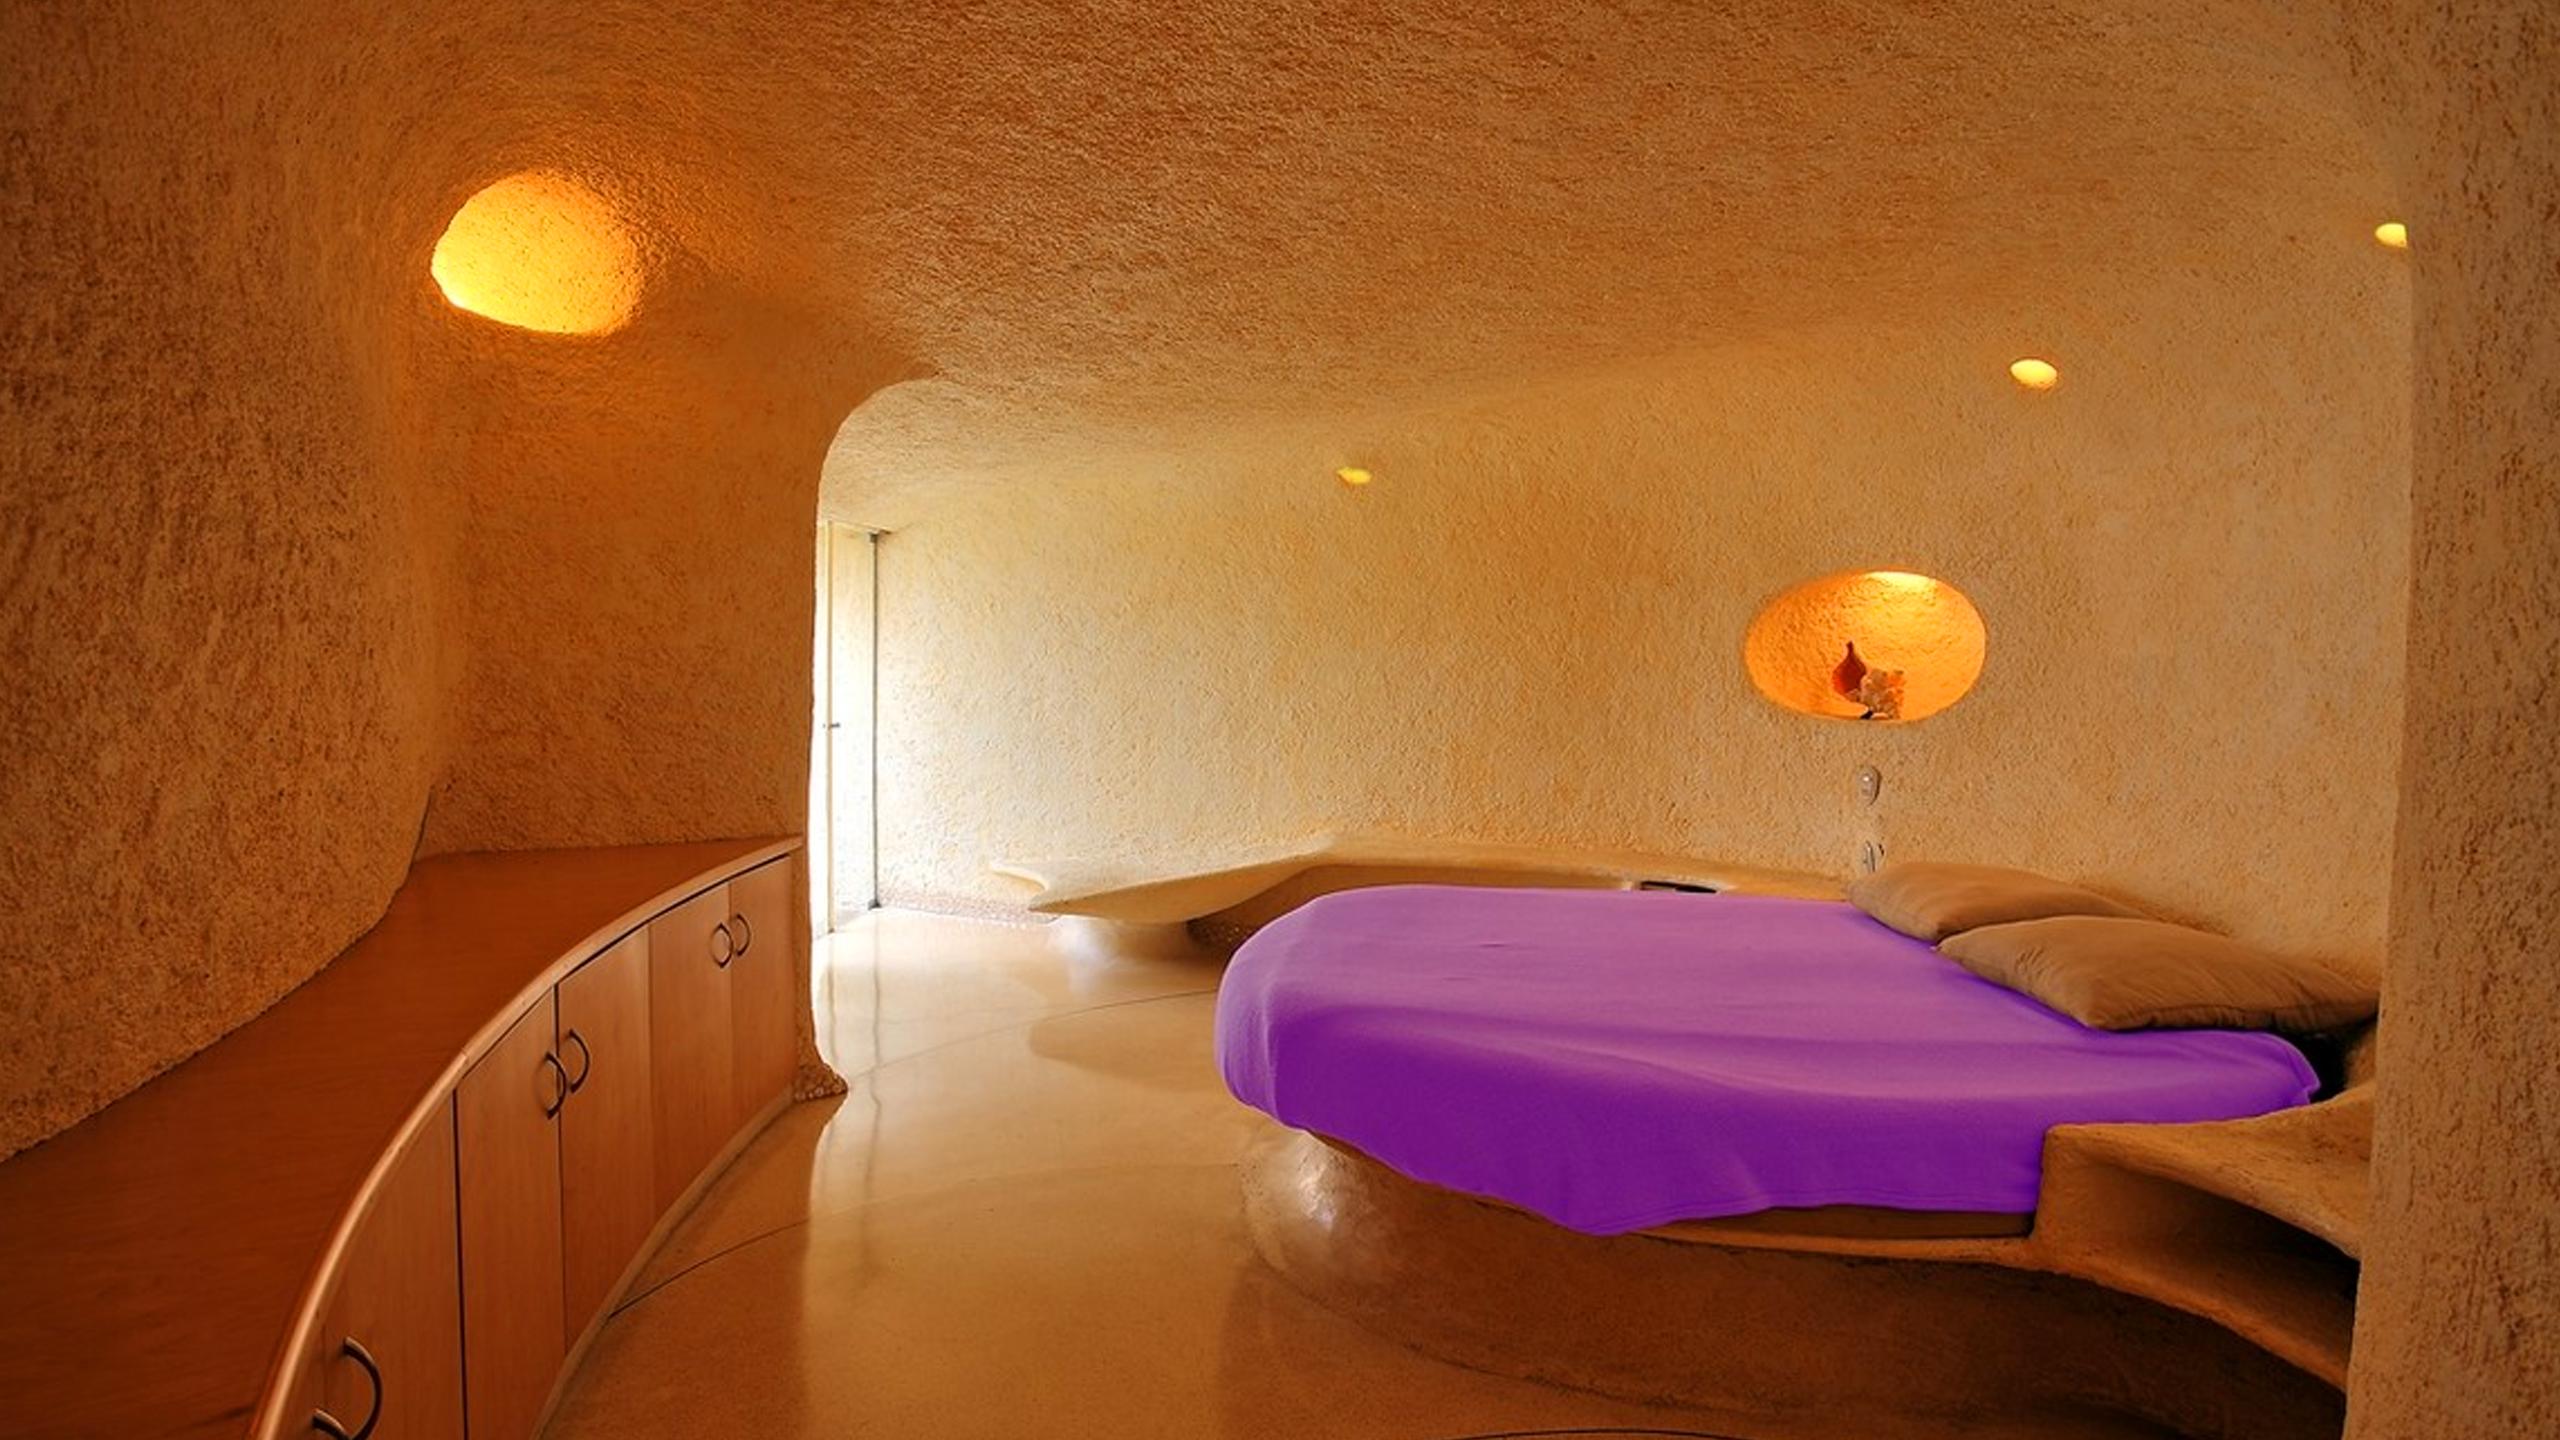 casa-unica-concha-cuarto-muebles-y-mudanzas